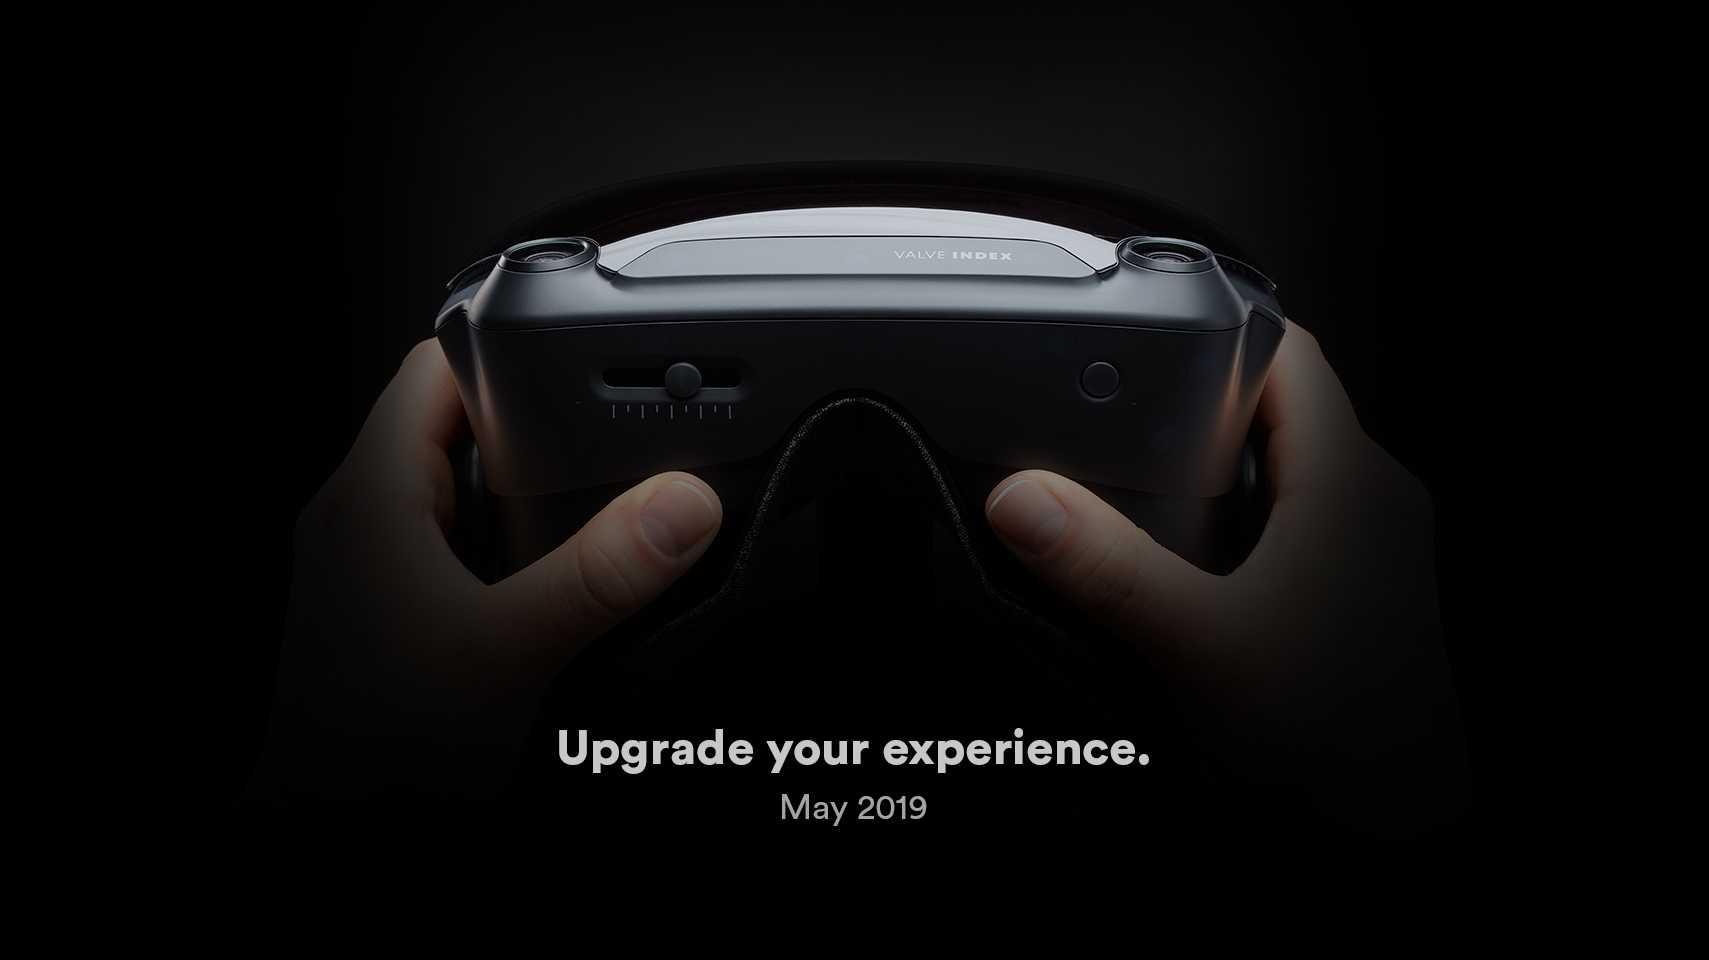 Index: Valve zeigt sein eigenes VR-Headset